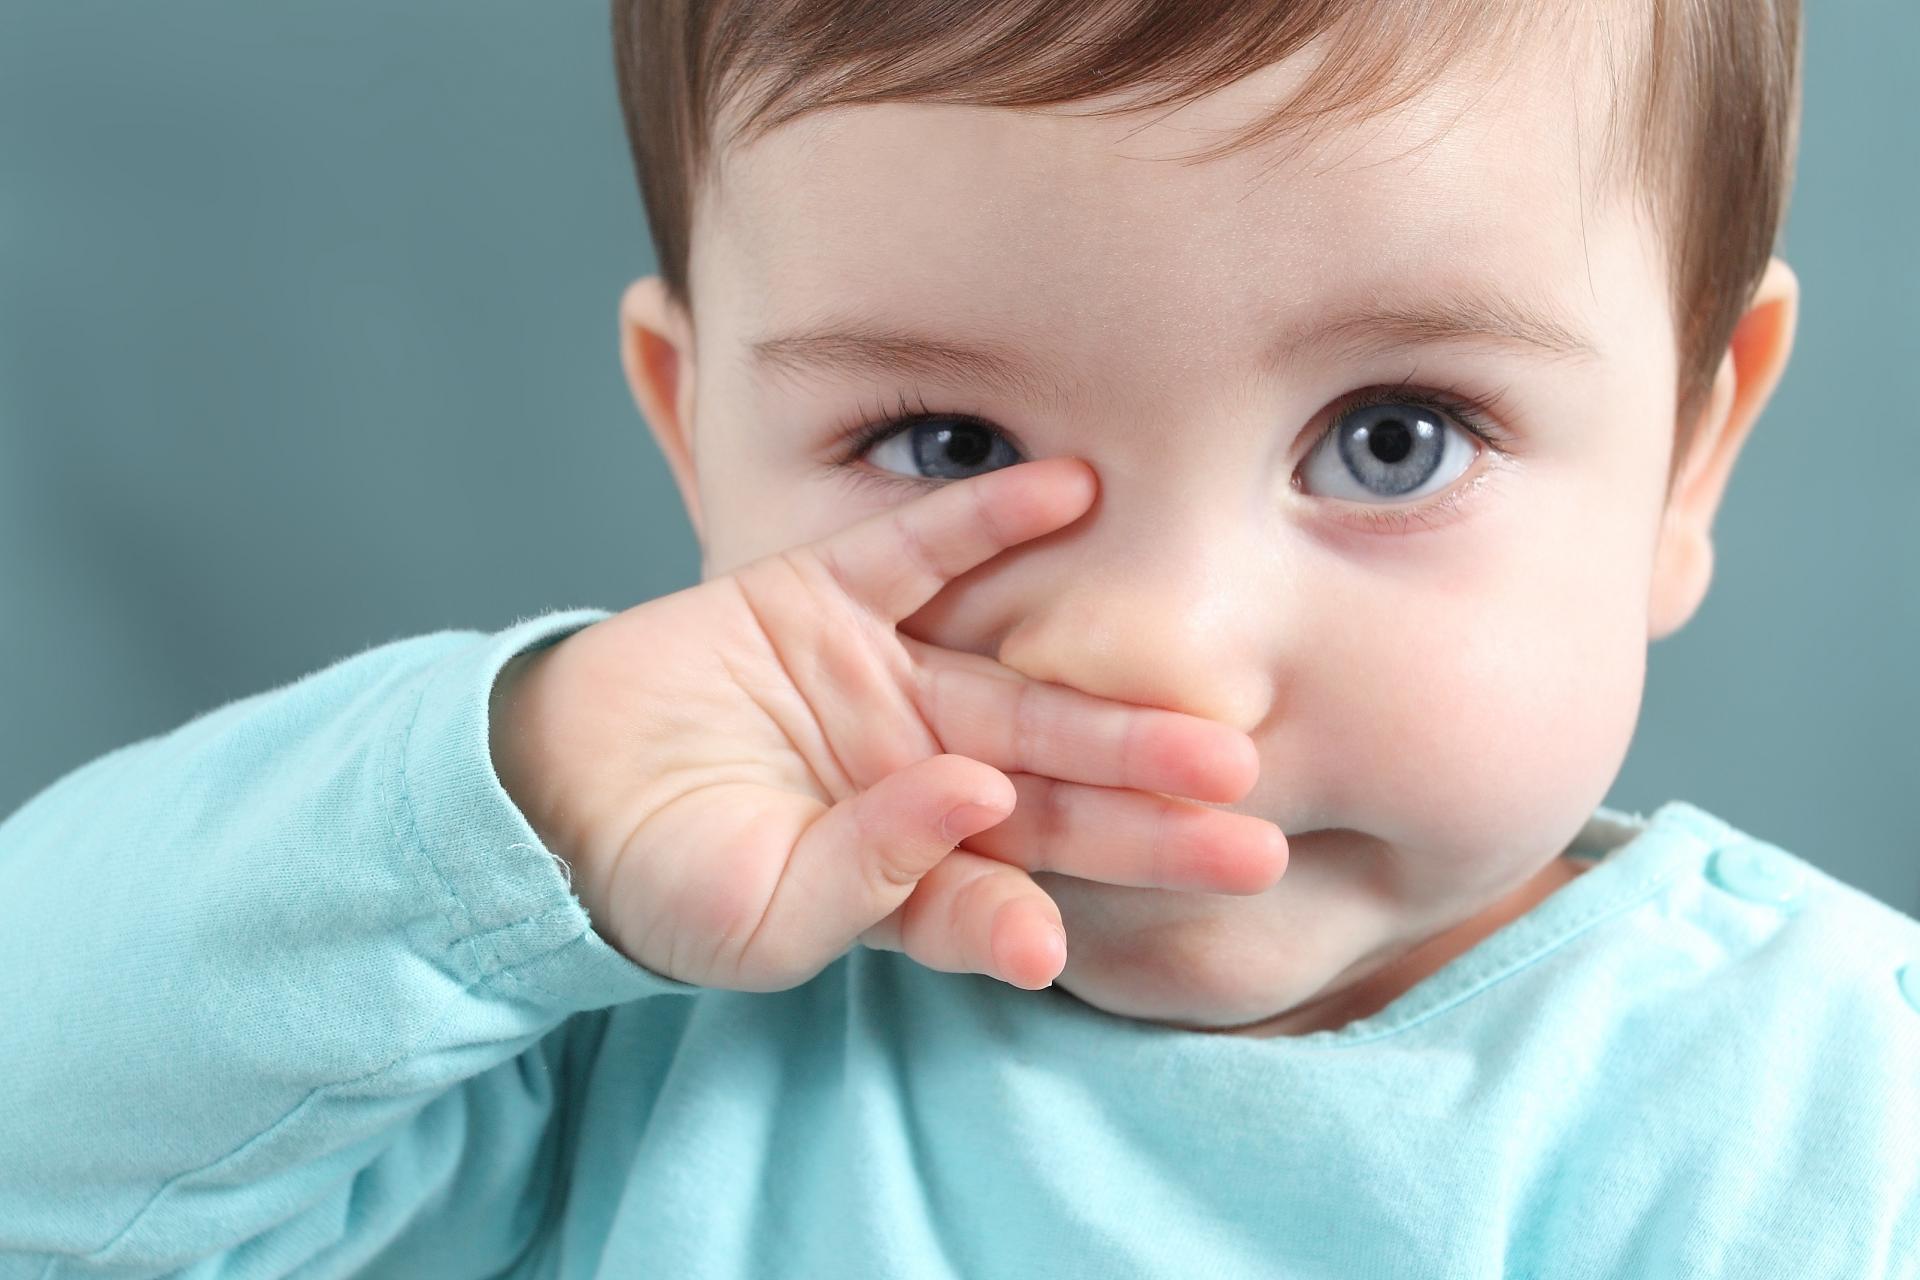 Удаляем инородные тела у ребенка из носа, уха или горла